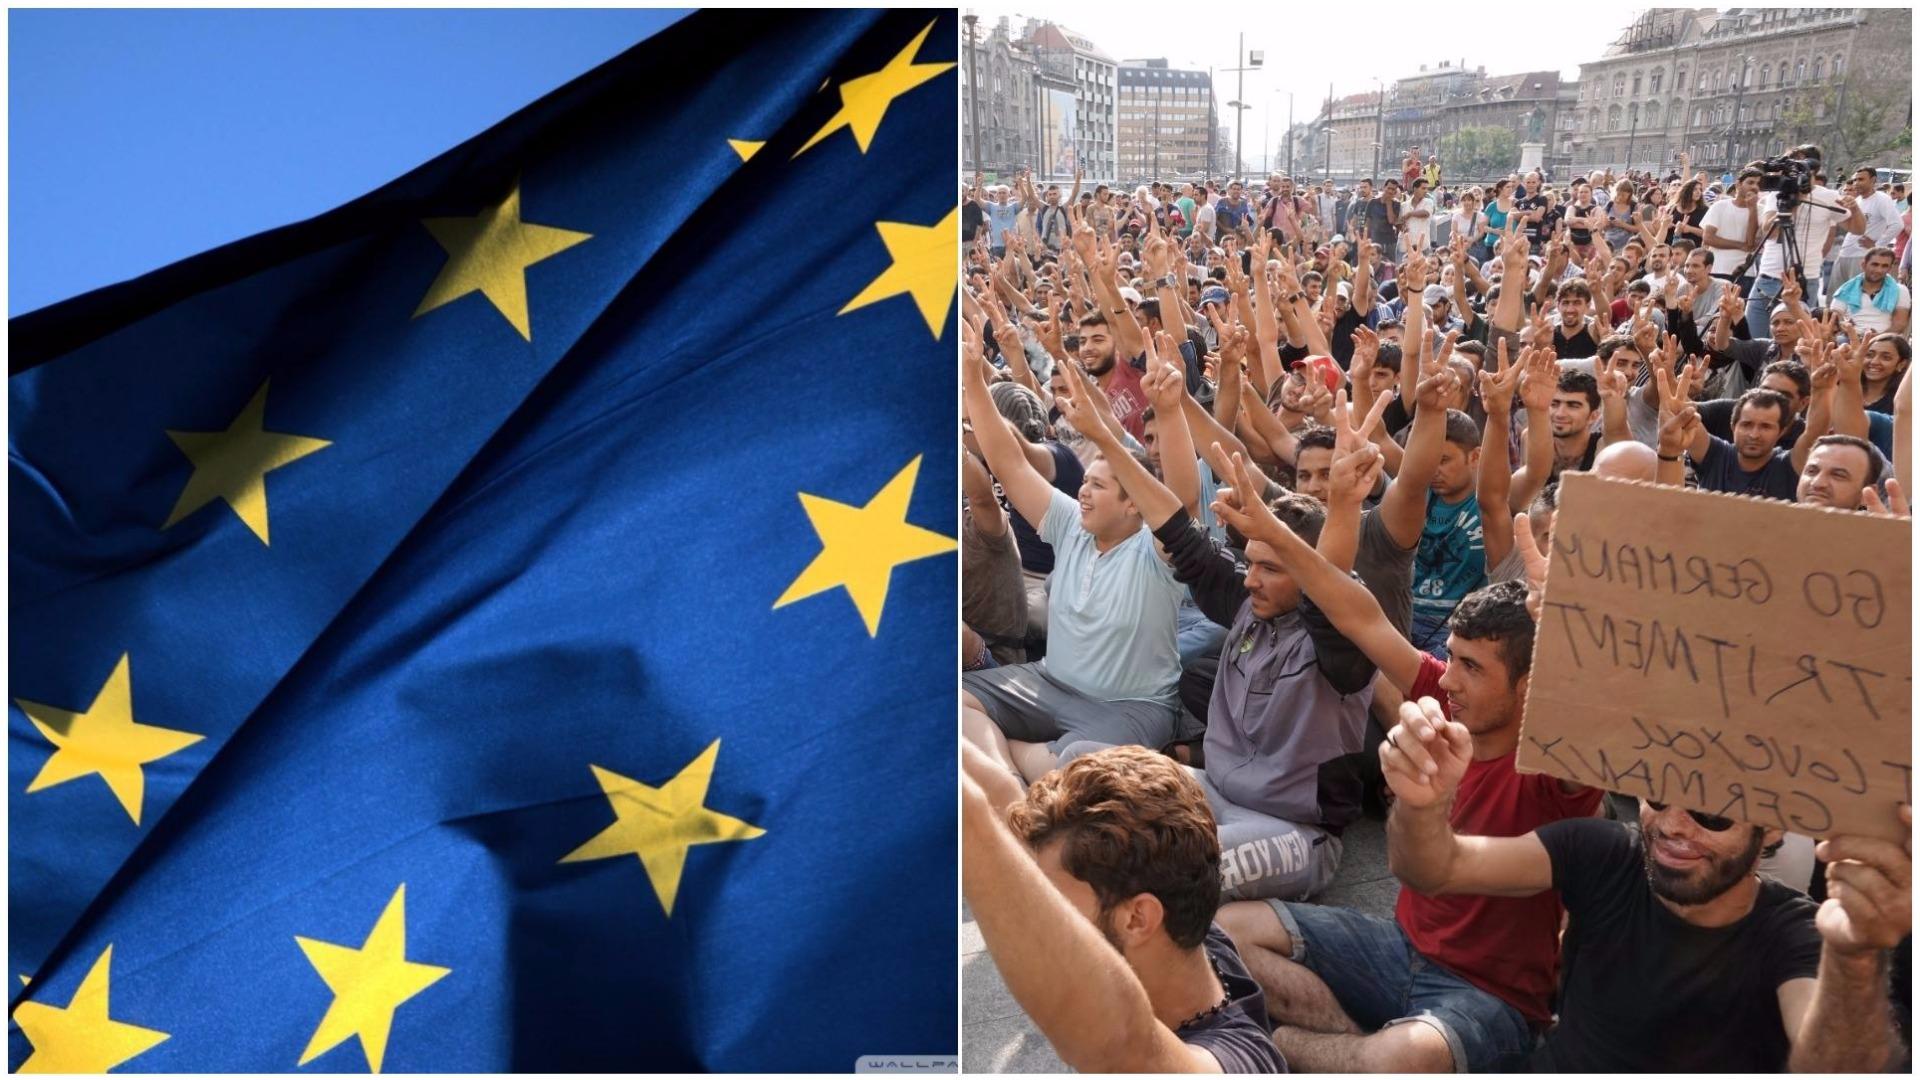 Postanowione! Unia znalazła sposób jak ulokować w Polsce imigrantów wbrew rządowi PiS